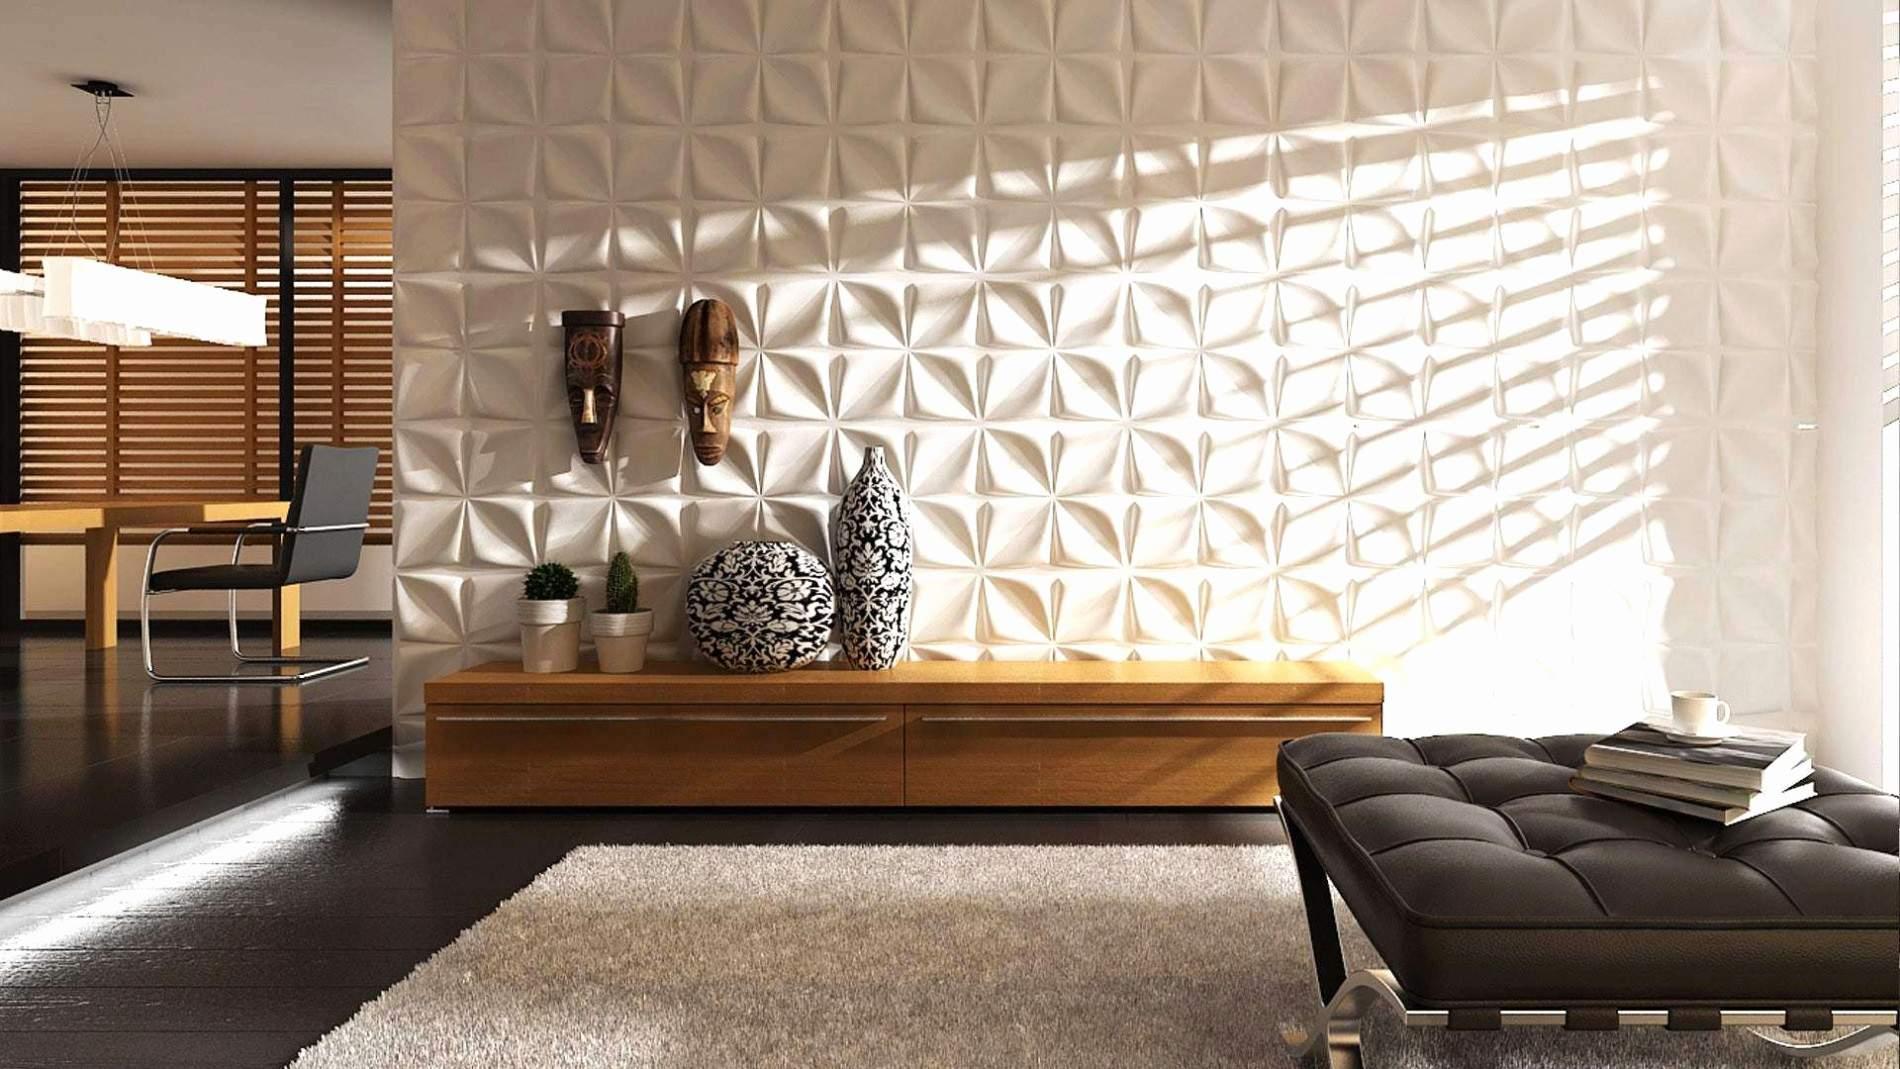 wohnzimmer im landhausstil luxus 60 luxus deko wohnzimmer landhaus dekoideen wohnzimmer of wohnzimmer im landhausstil